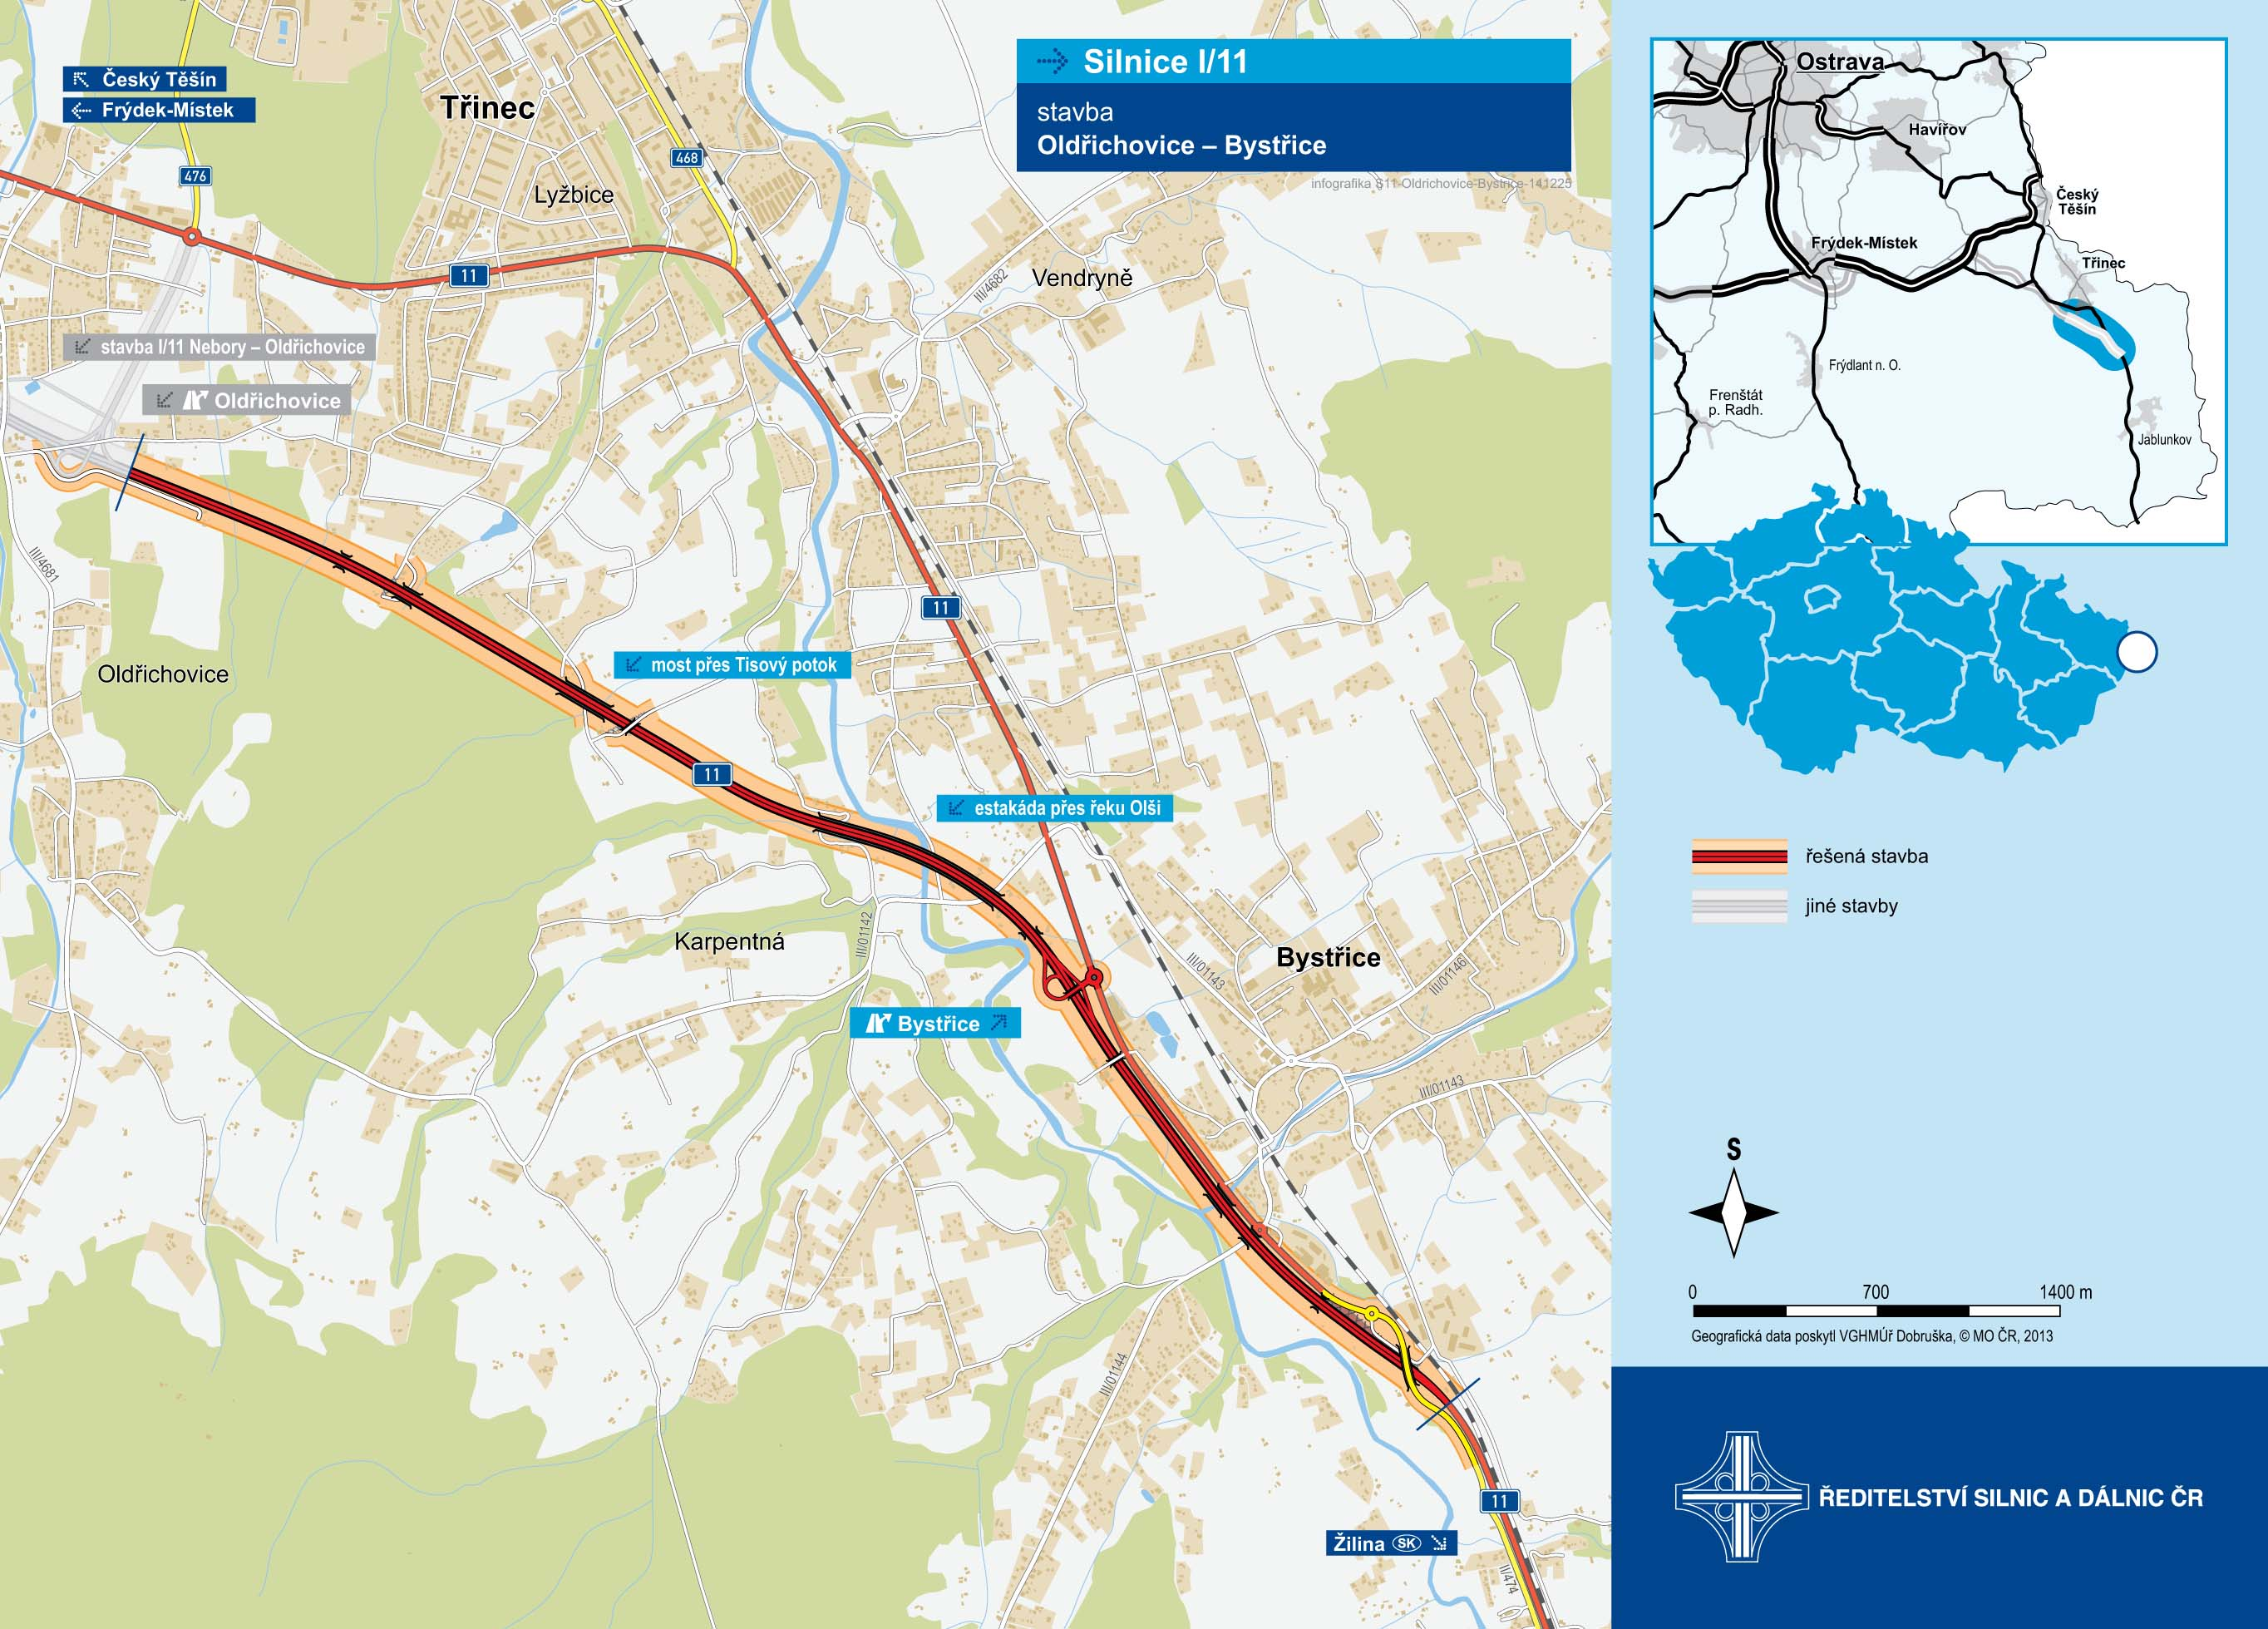 Mapa stavby silnice I/11 Oldřichovice - Bystřice